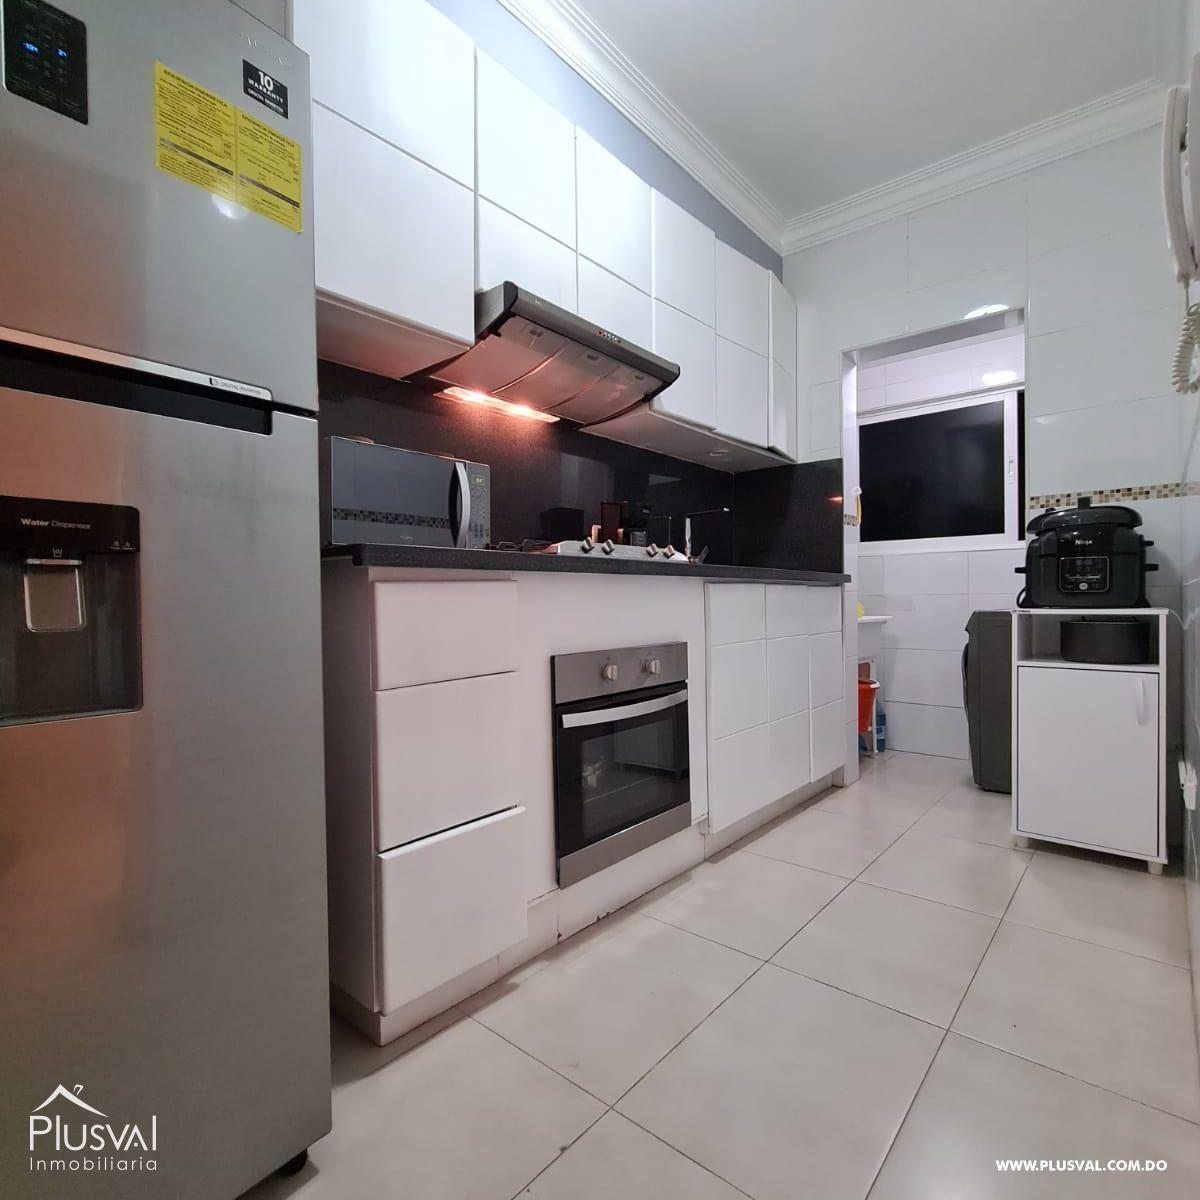 Apartamento amueblado en alquiler, Naco 188907